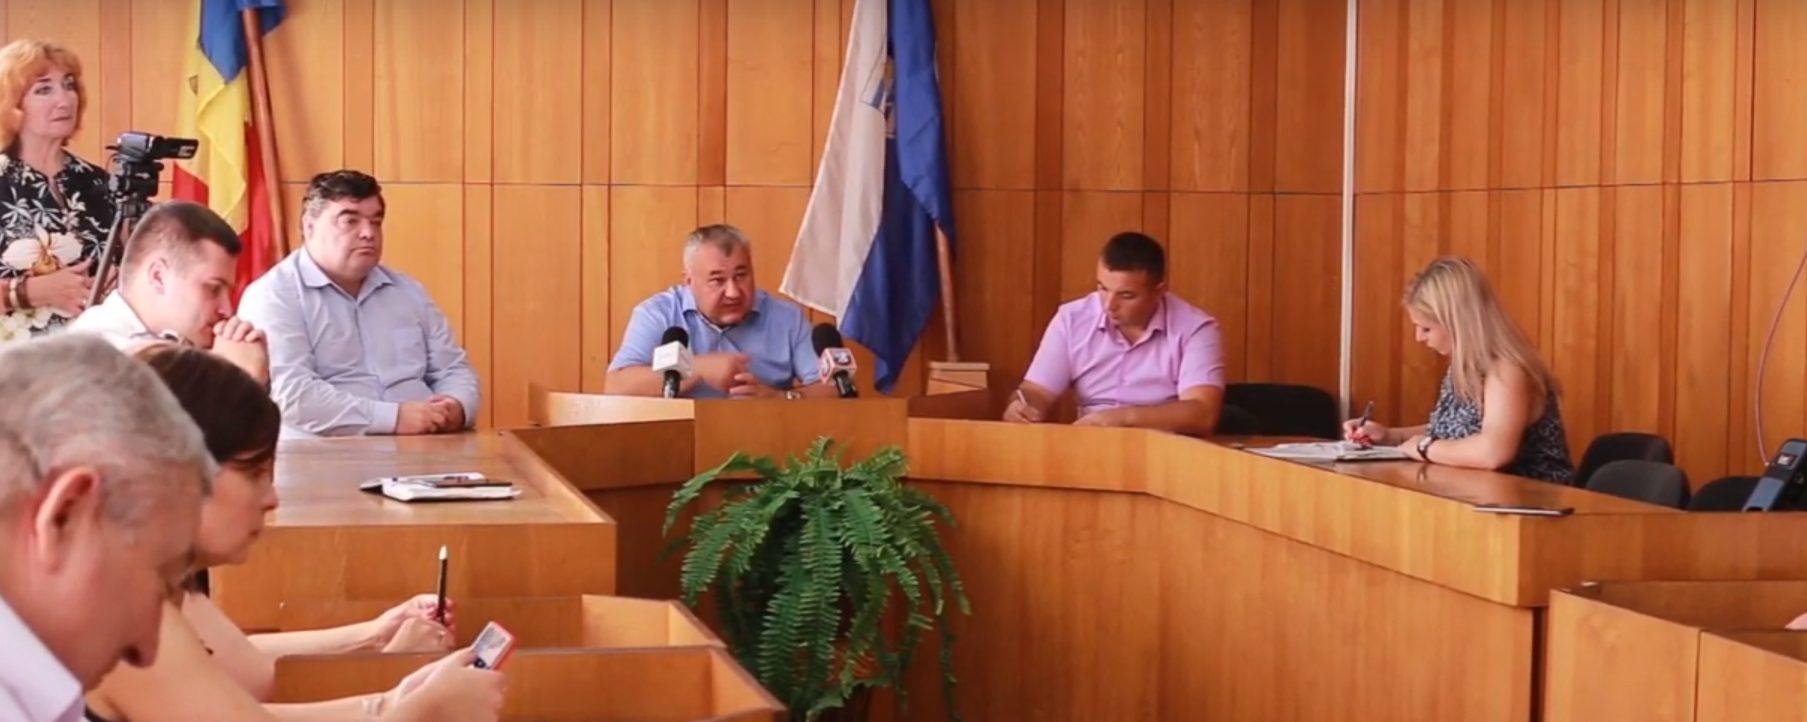 VIDEO | Еженедельное обсуждение наболевших вопросов в Бельцах